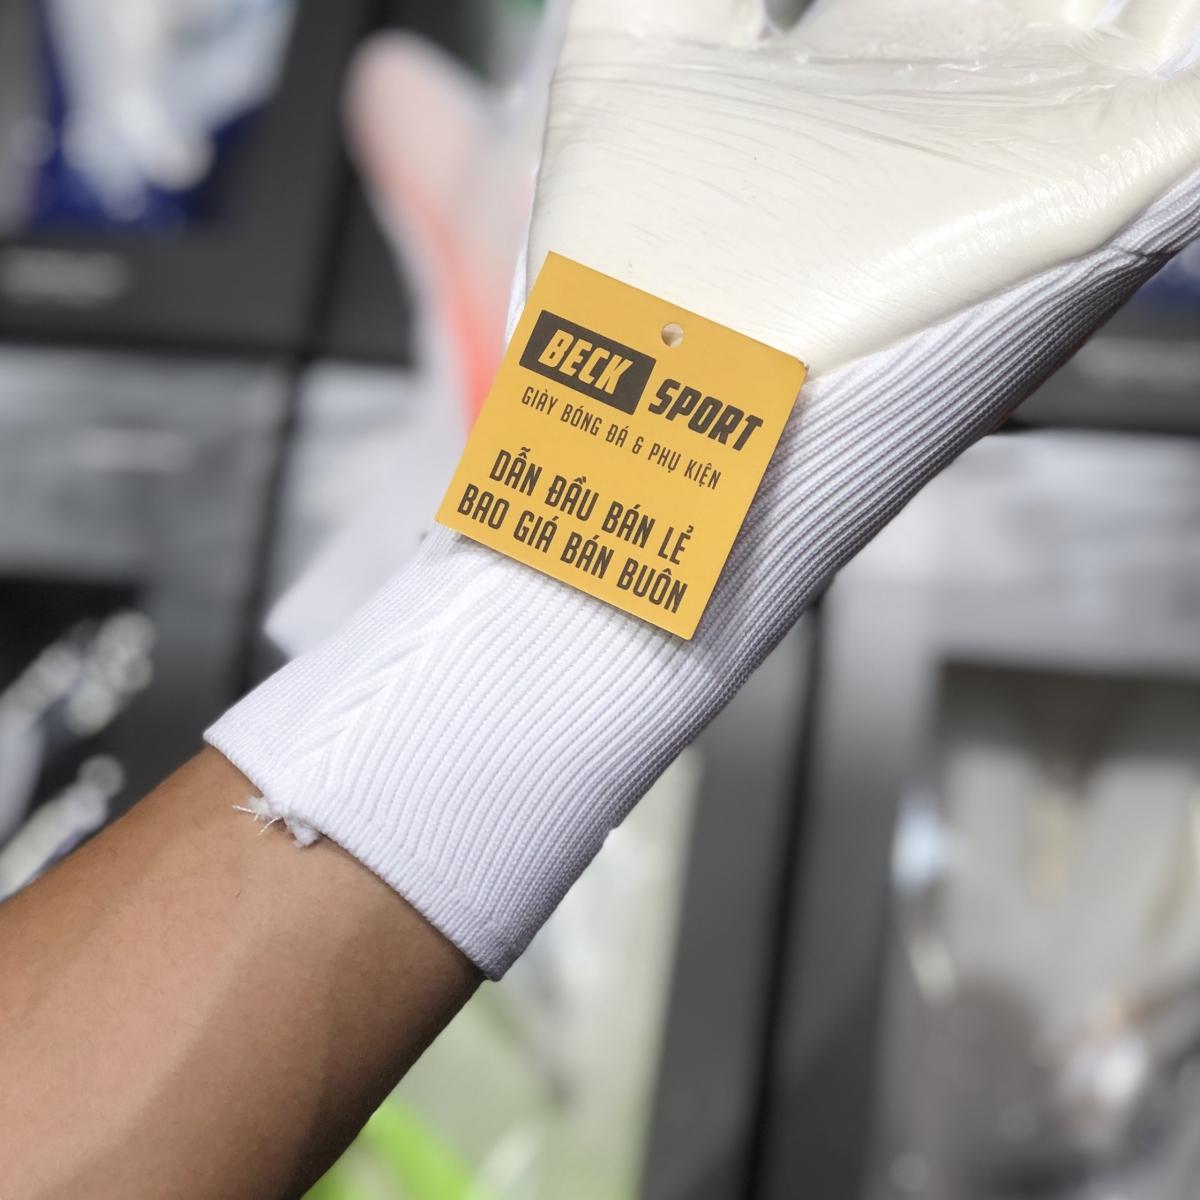 Găng Tay Adidas X Pro Trắng Cam Vạch Xanh Biển (Không Xương)